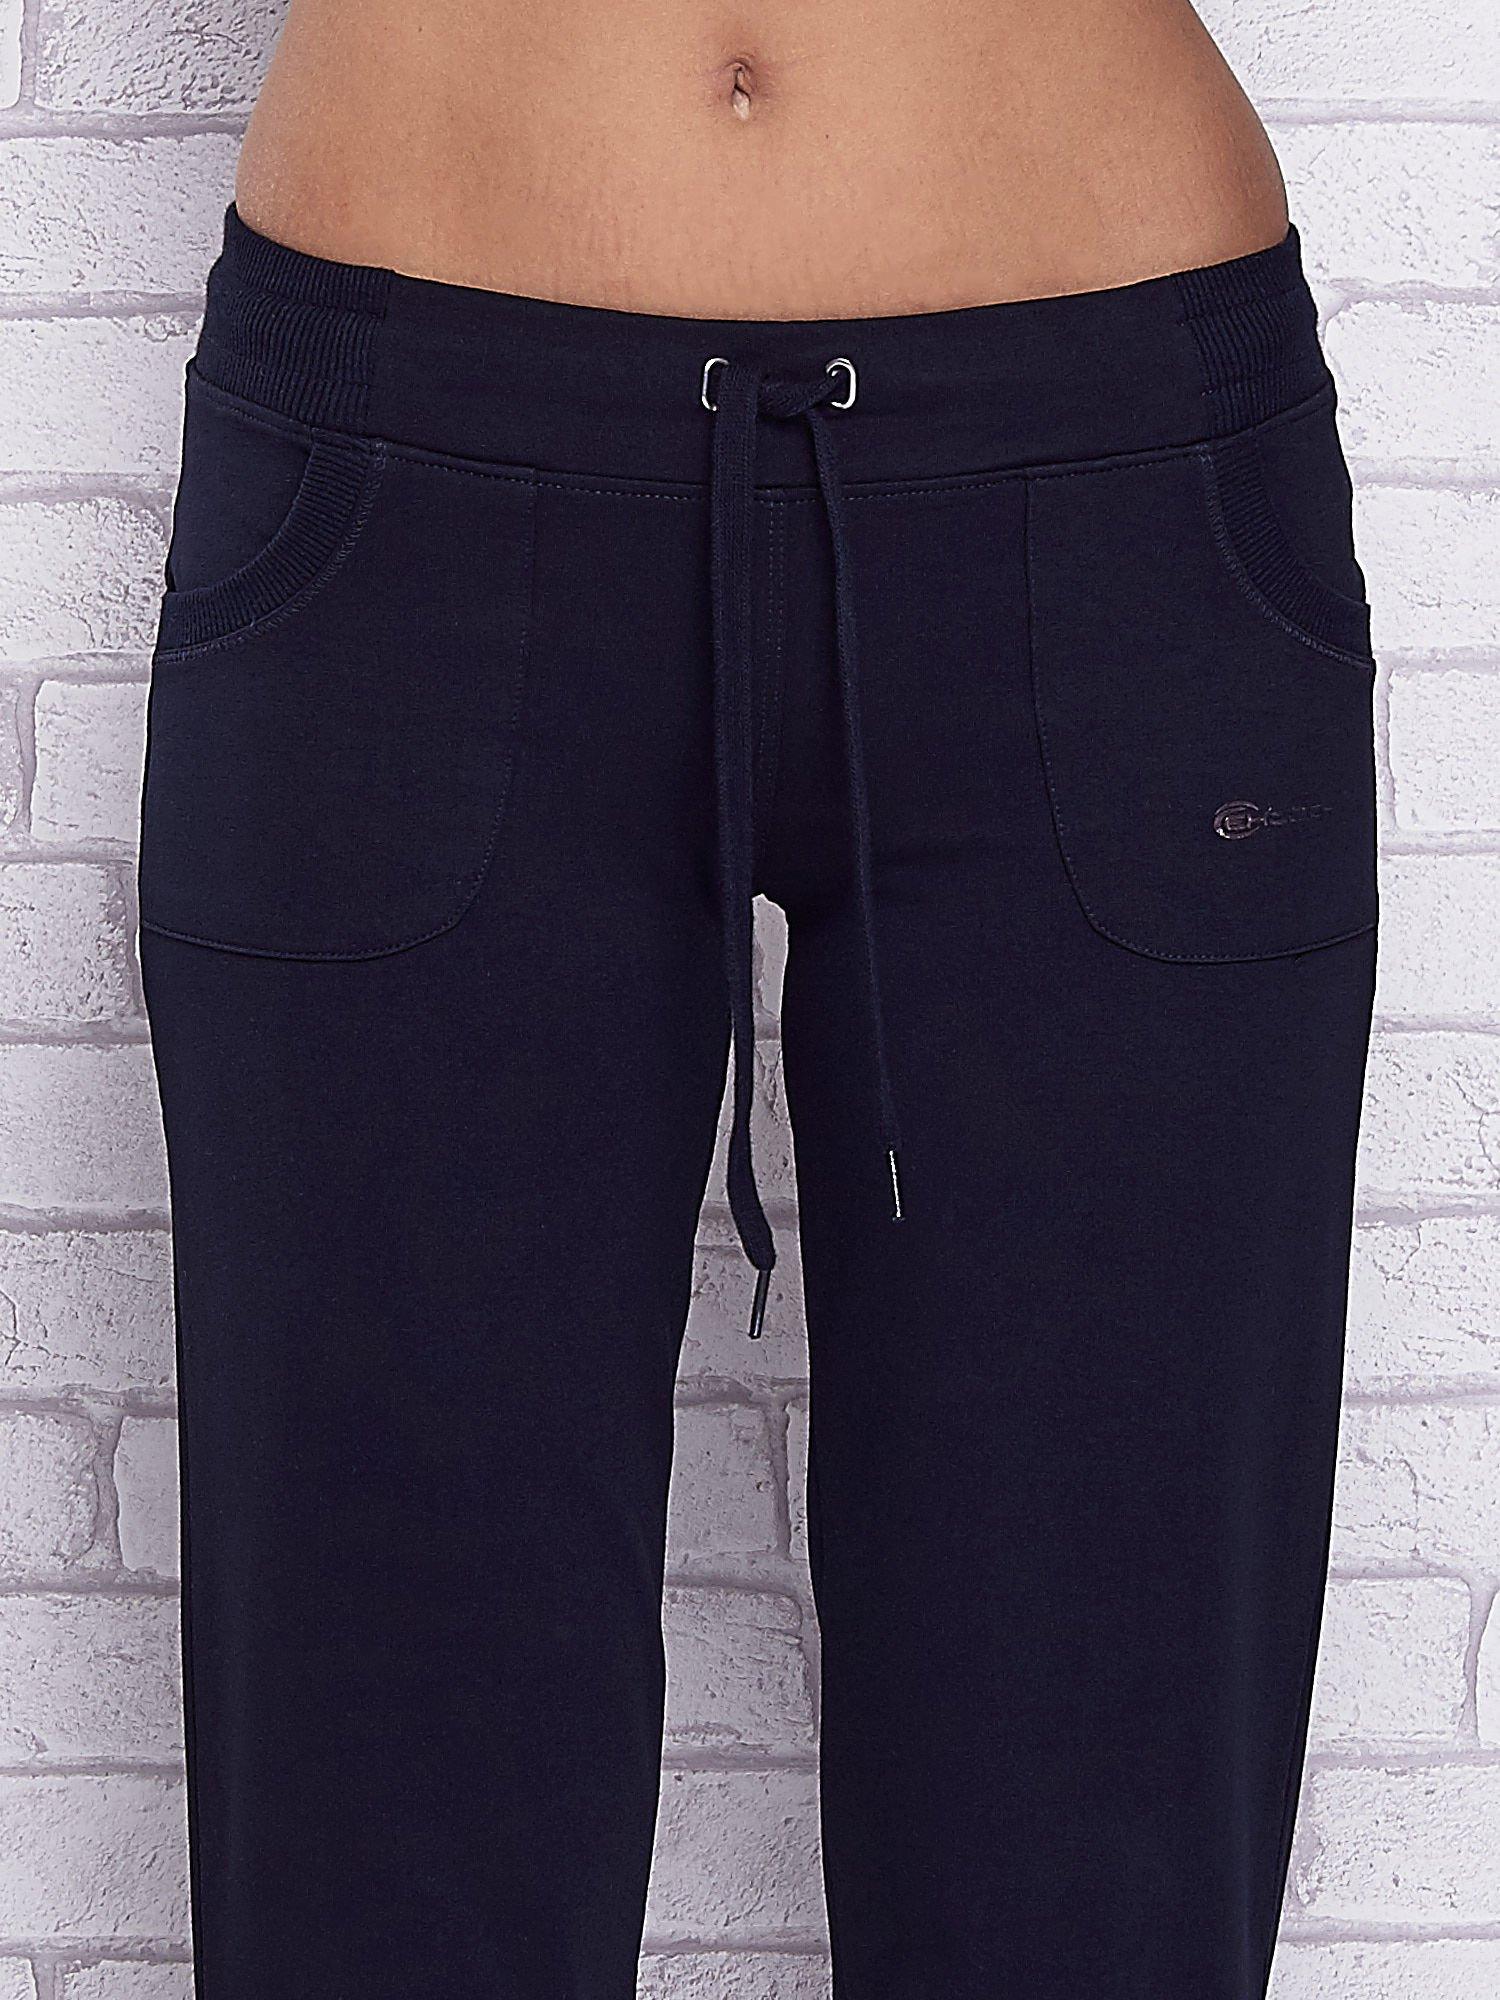 Granatowe spodnie capri z kolorowym nadrukiem z tyłu                                  zdj.                                  4